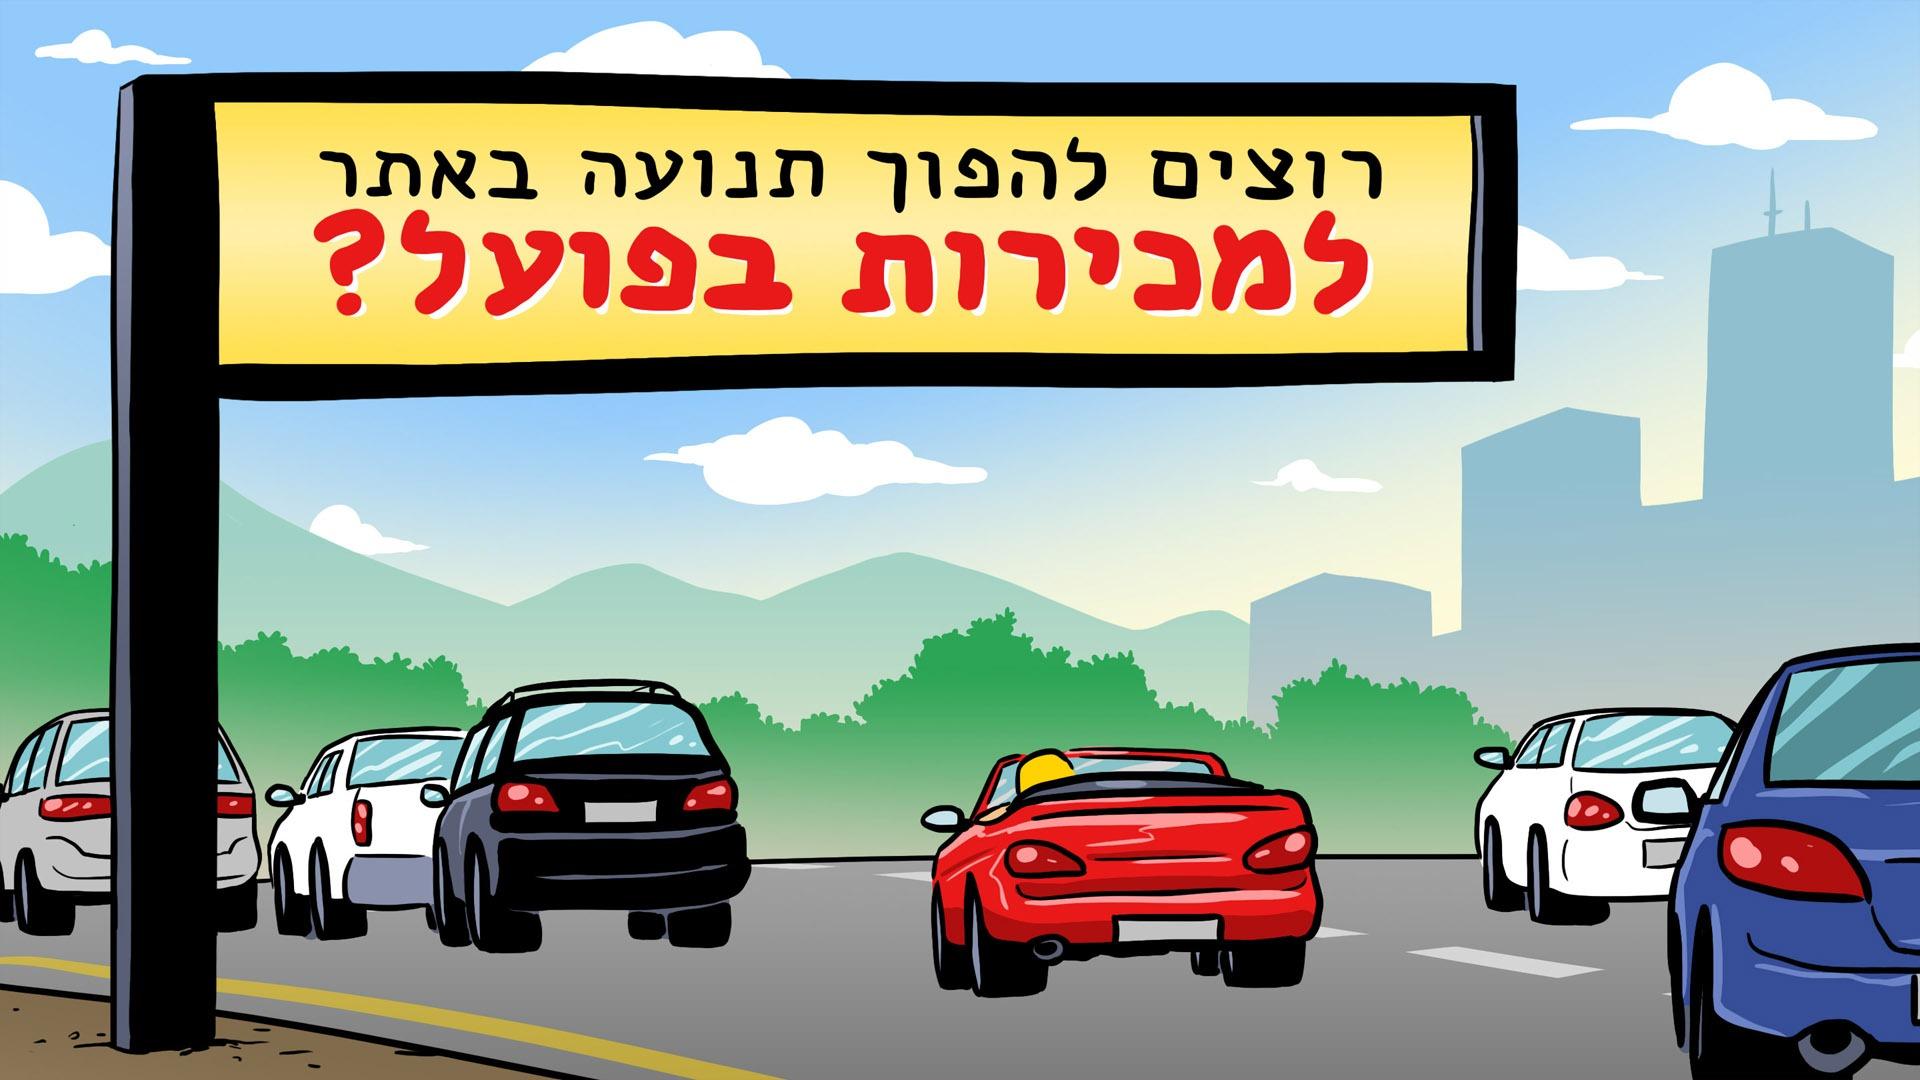 הפקת סרטי אנמציה - מכוניות בכביש